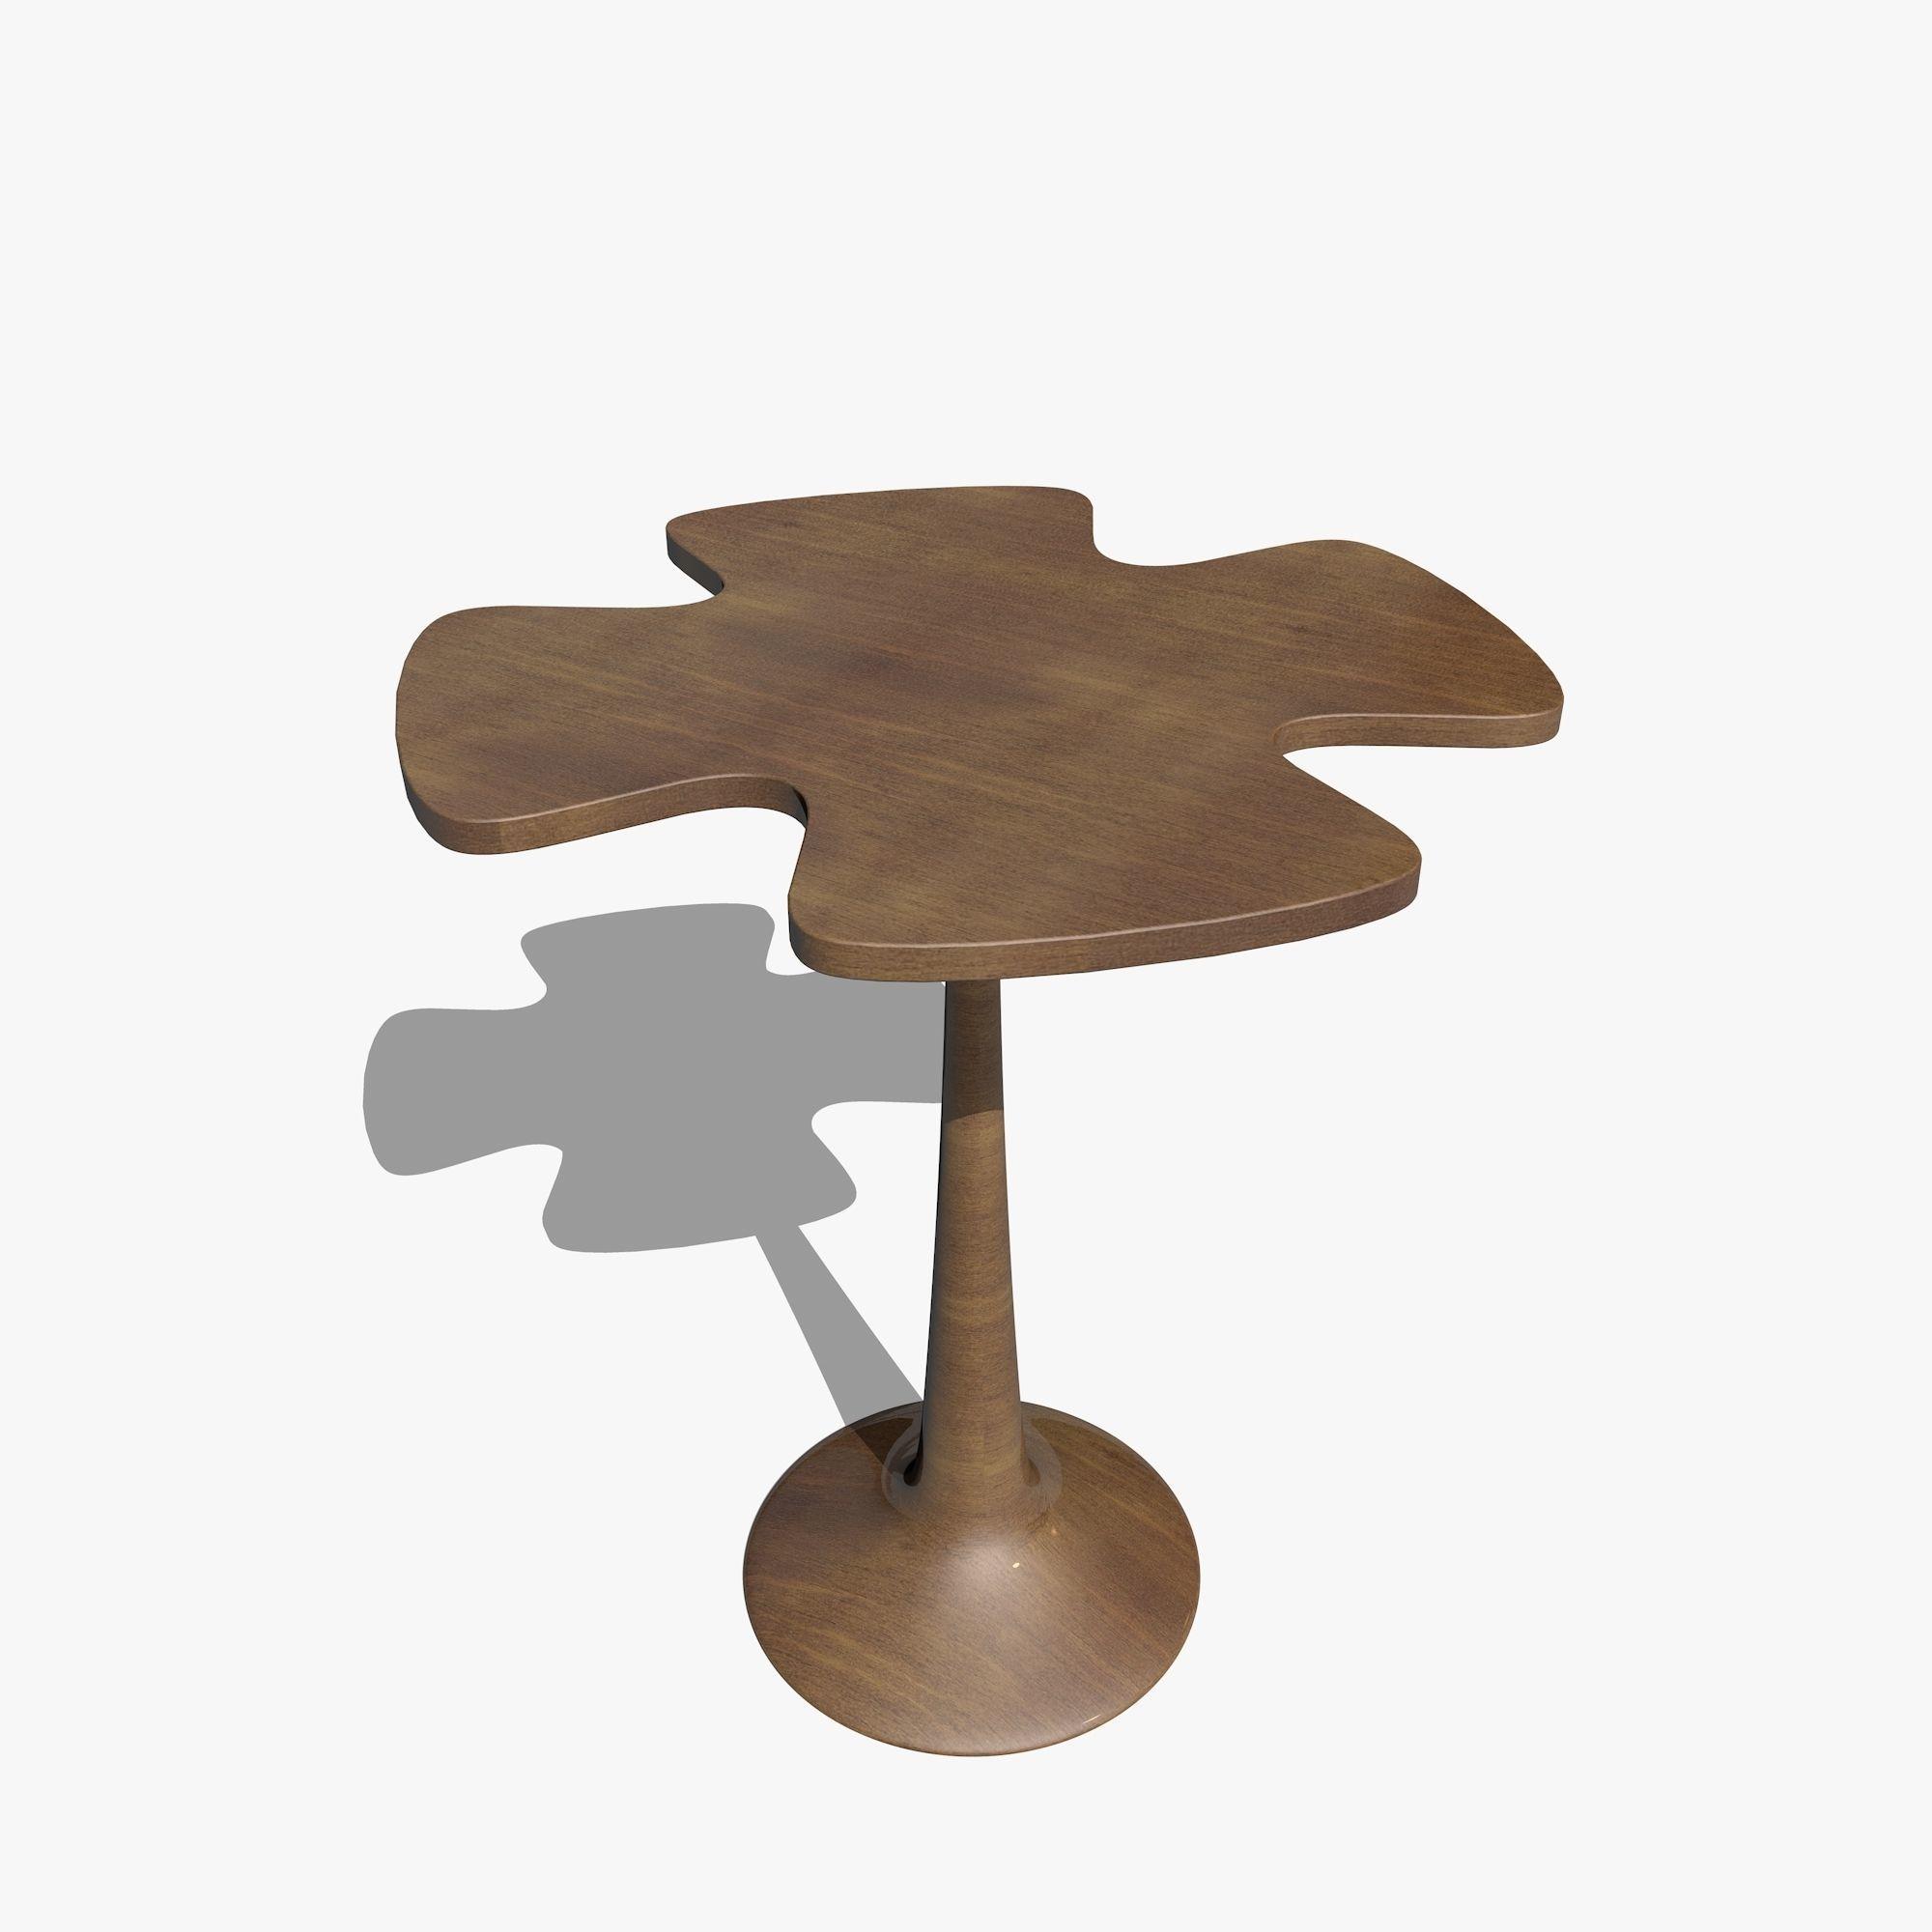 Fullsize Of Wood Side Table